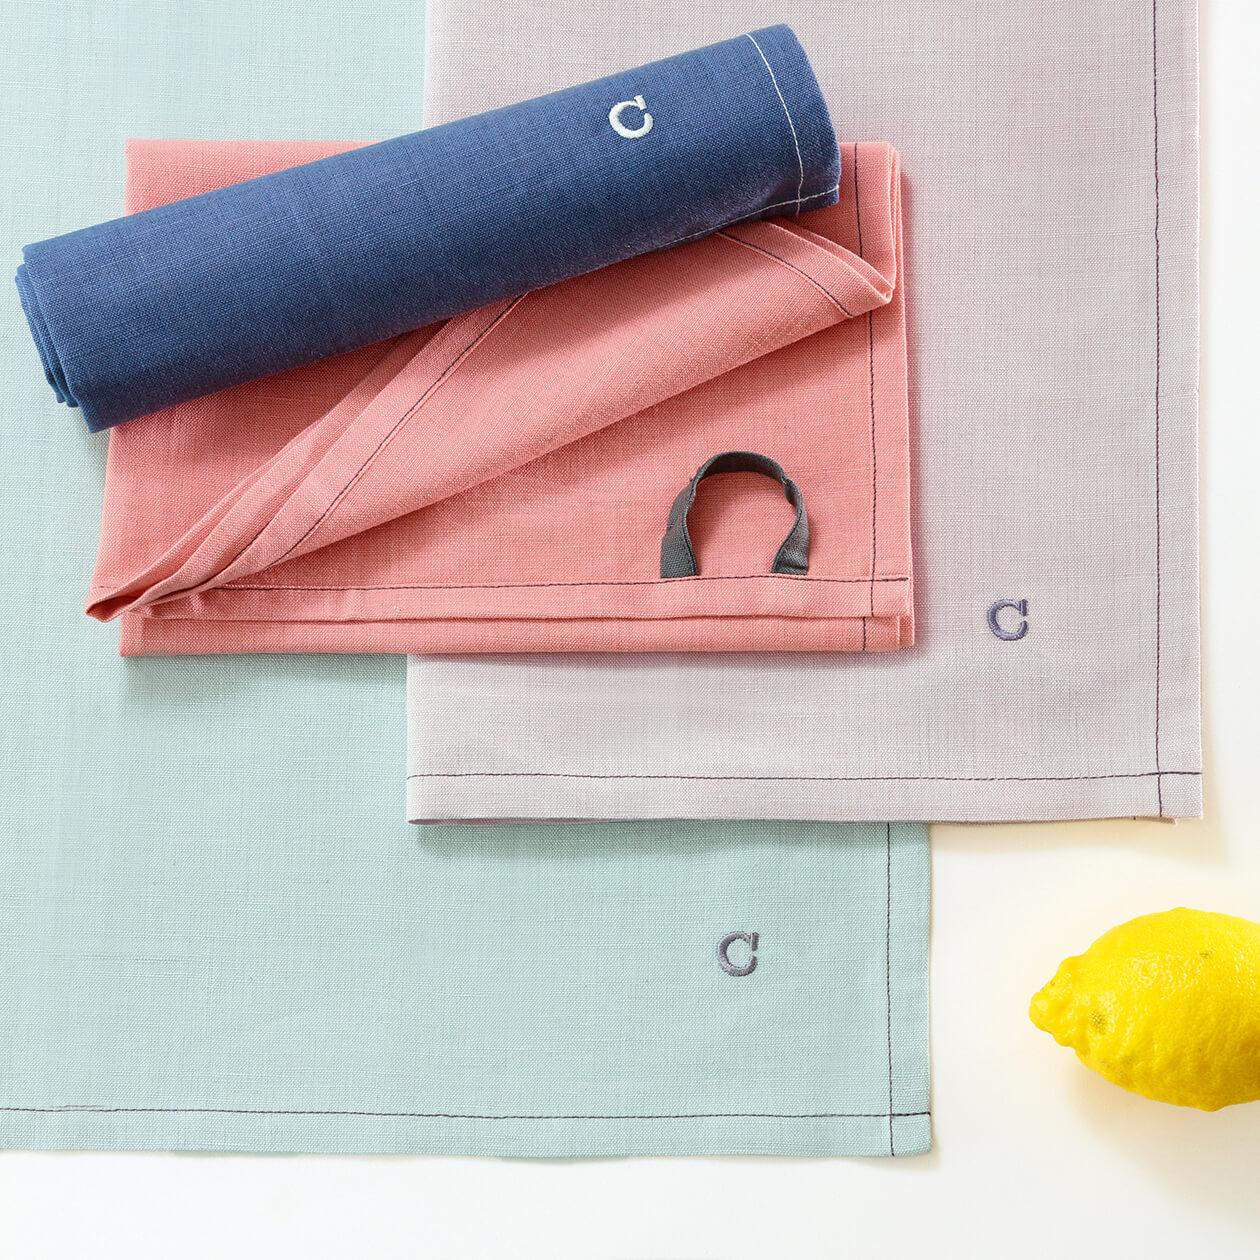 Cawö Home Solid 500 - Geschirrtuch 50x70 cm - Farbe: travertin - 366 Detailbild 3